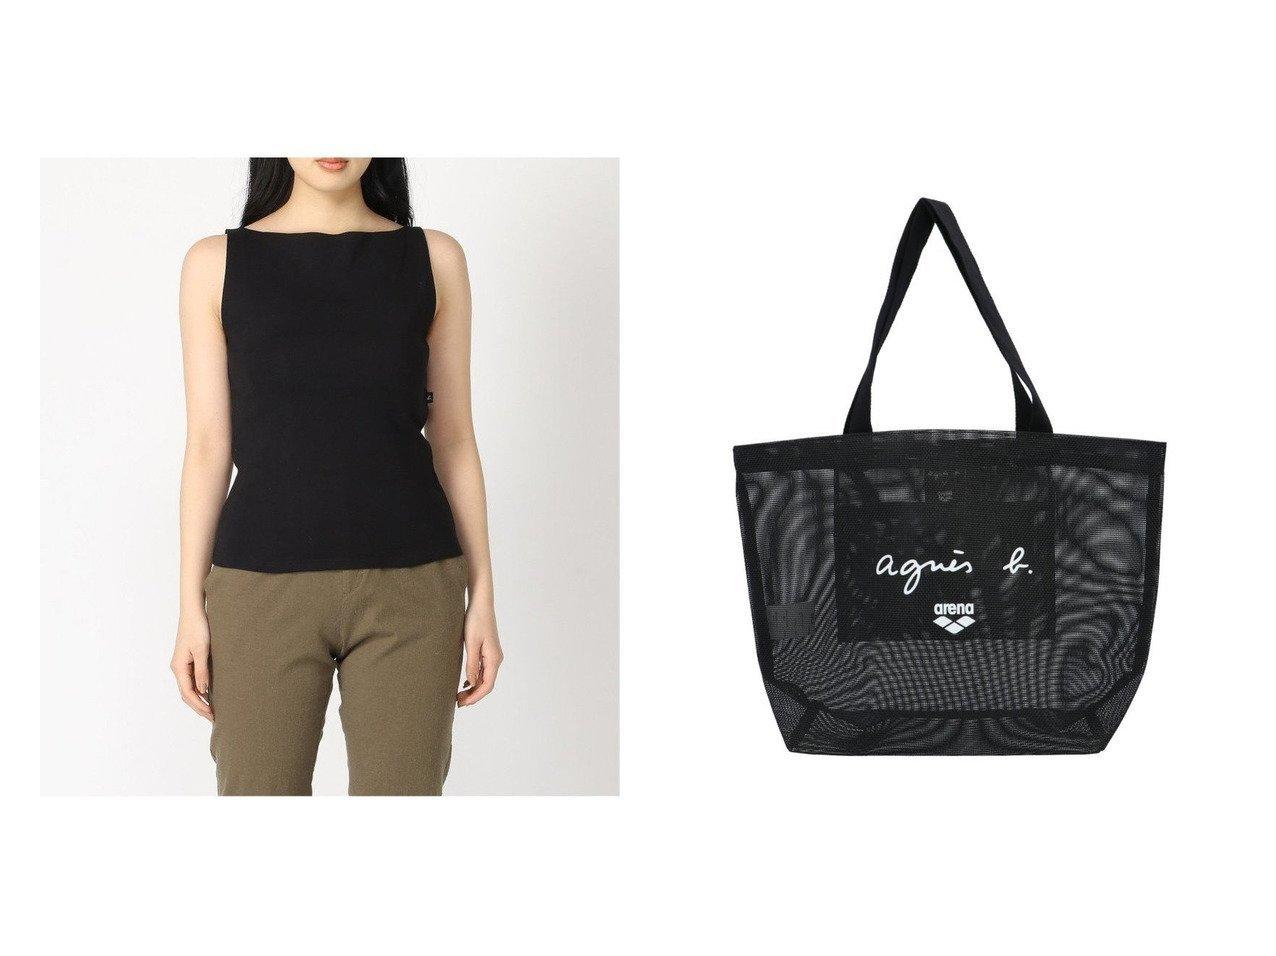 【agnes b. FEMME/アニエスベー ファム】のagnes b.JG13 タンクトップ&agnes b.KG19 バッグ おすすめ!人気、トレンド・レディースファッションの通販  おすすめで人気の流行・トレンド、ファッションの通販商品 インテリア・家具・メンズファッション・キッズファッション・レディースファッション・服の通販 founy(ファニー) https://founy.com/ ファッション Fashion レディースファッション WOMEN トップス・カットソー Tops/Tshirt カットソー Cut and Sewn バッグ Bag インナー カットソー シンプル タンク 定番 Standard ウォーター キャラクター スポーツ タオル フランス フロント プリント メッシュ 水着  ID:crp329100000062230